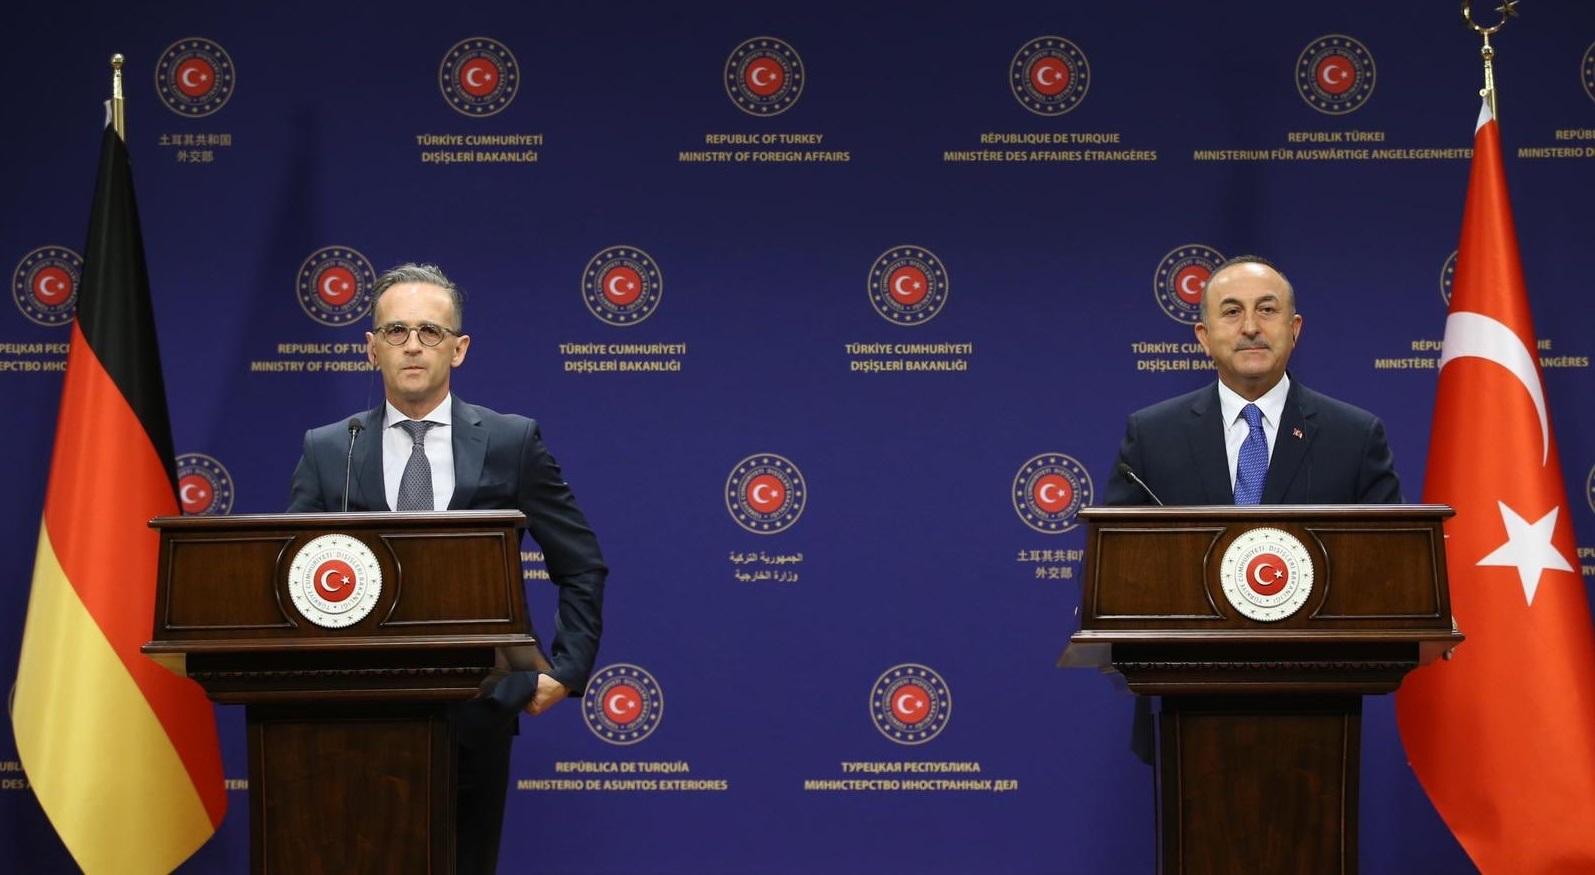 Çavuşoğlu: 'Yunanistan ve GKRY şımarıkça davranmaktan vazgeçmeli'